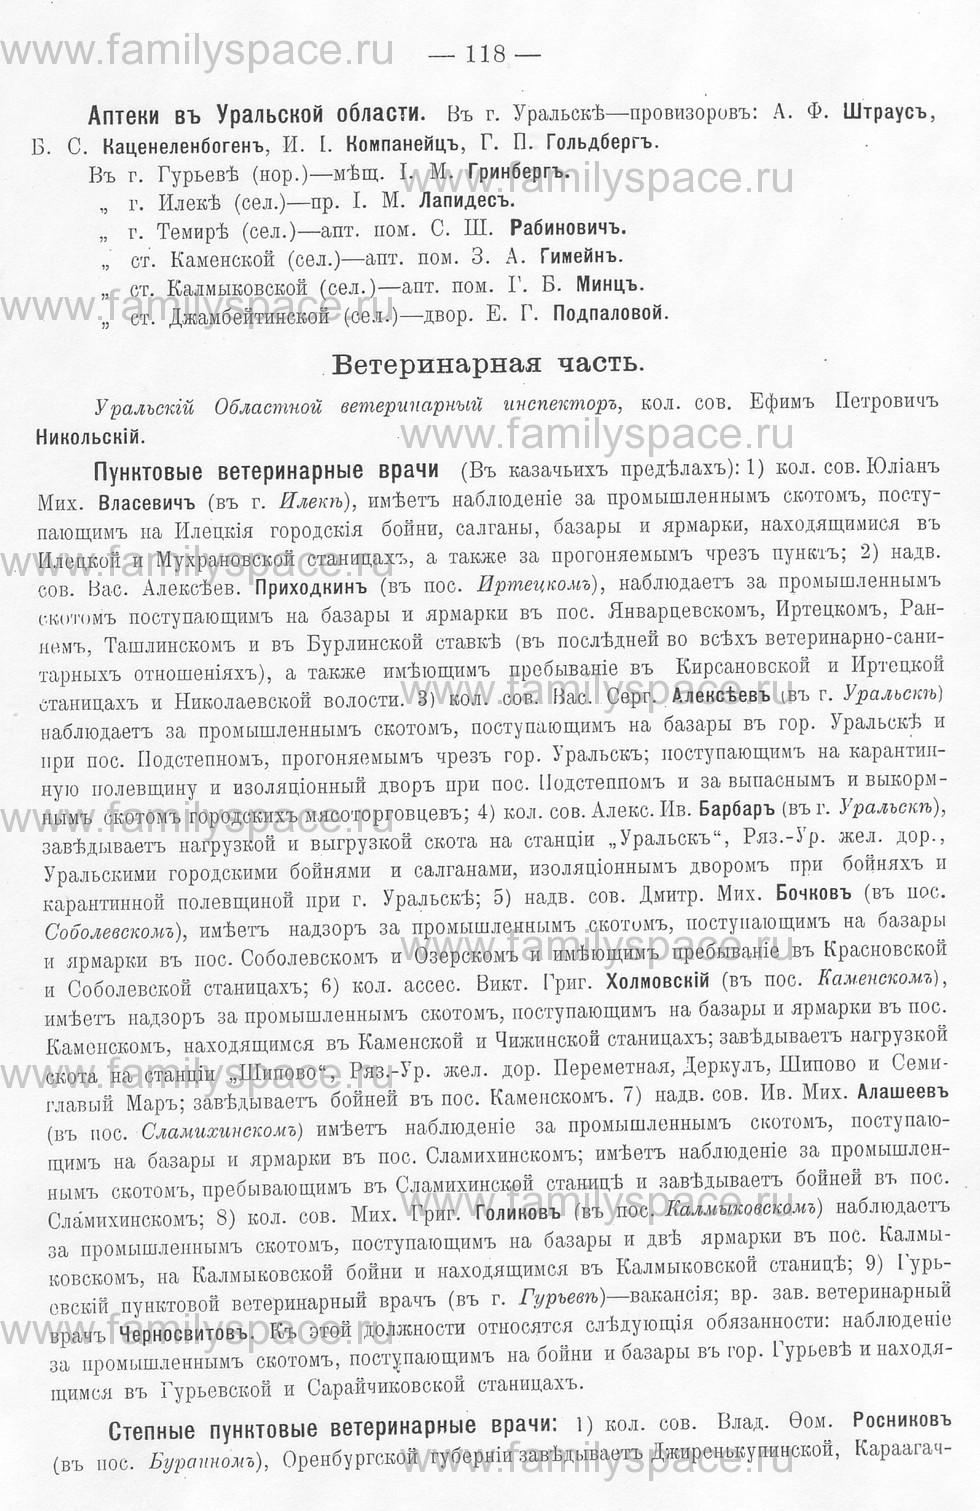 Поиск по фамилии - Памятная книжка Уральской области на 1913 год, страница 118